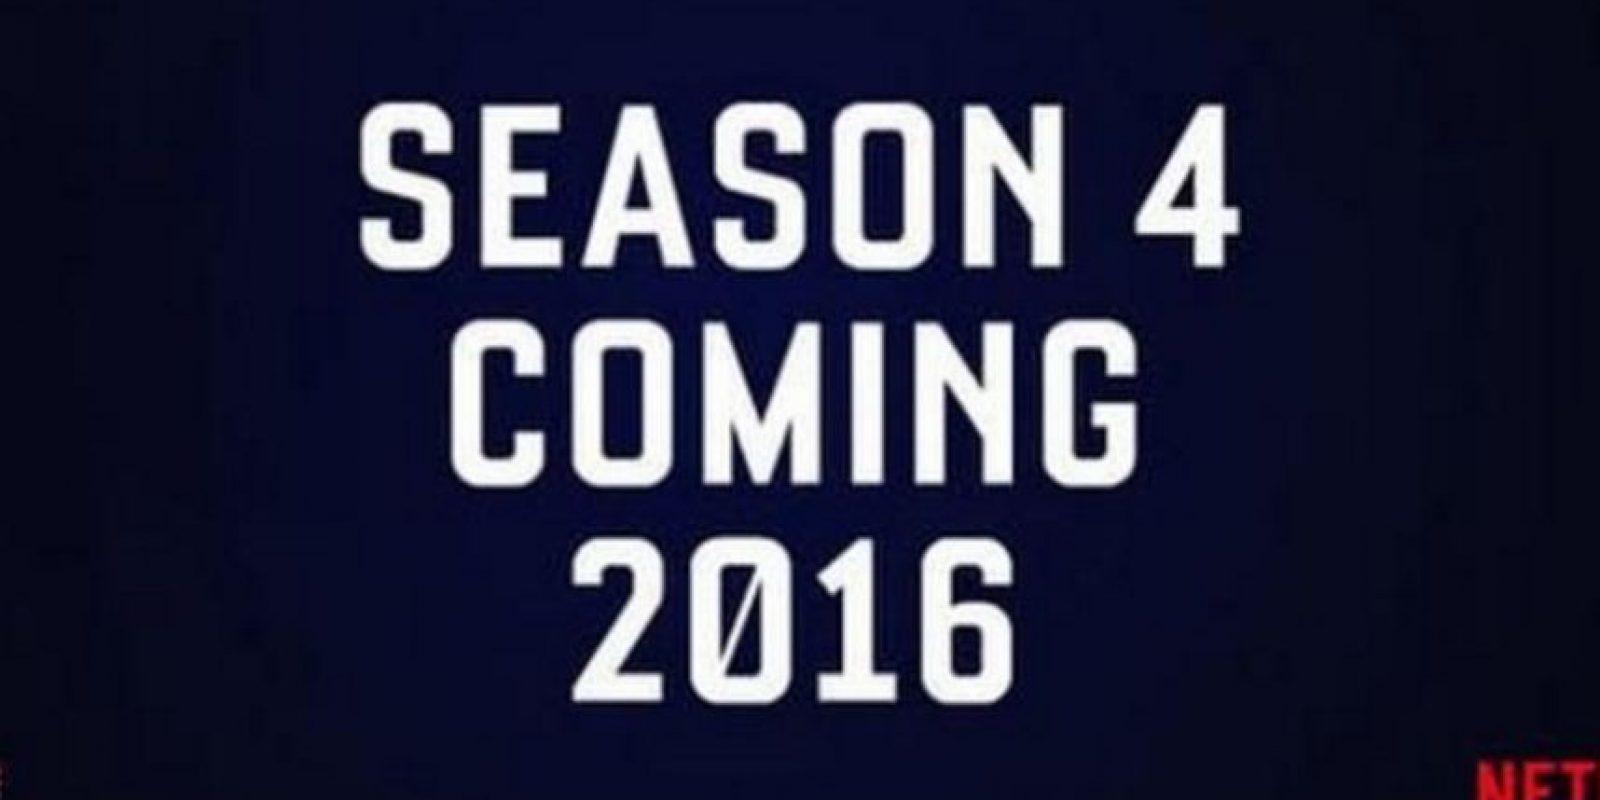 """La nueva temporada de """"House of Cards"""" se estrenará el 4 de marzo próximo. Foto:twitter.com/HouseofCards"""